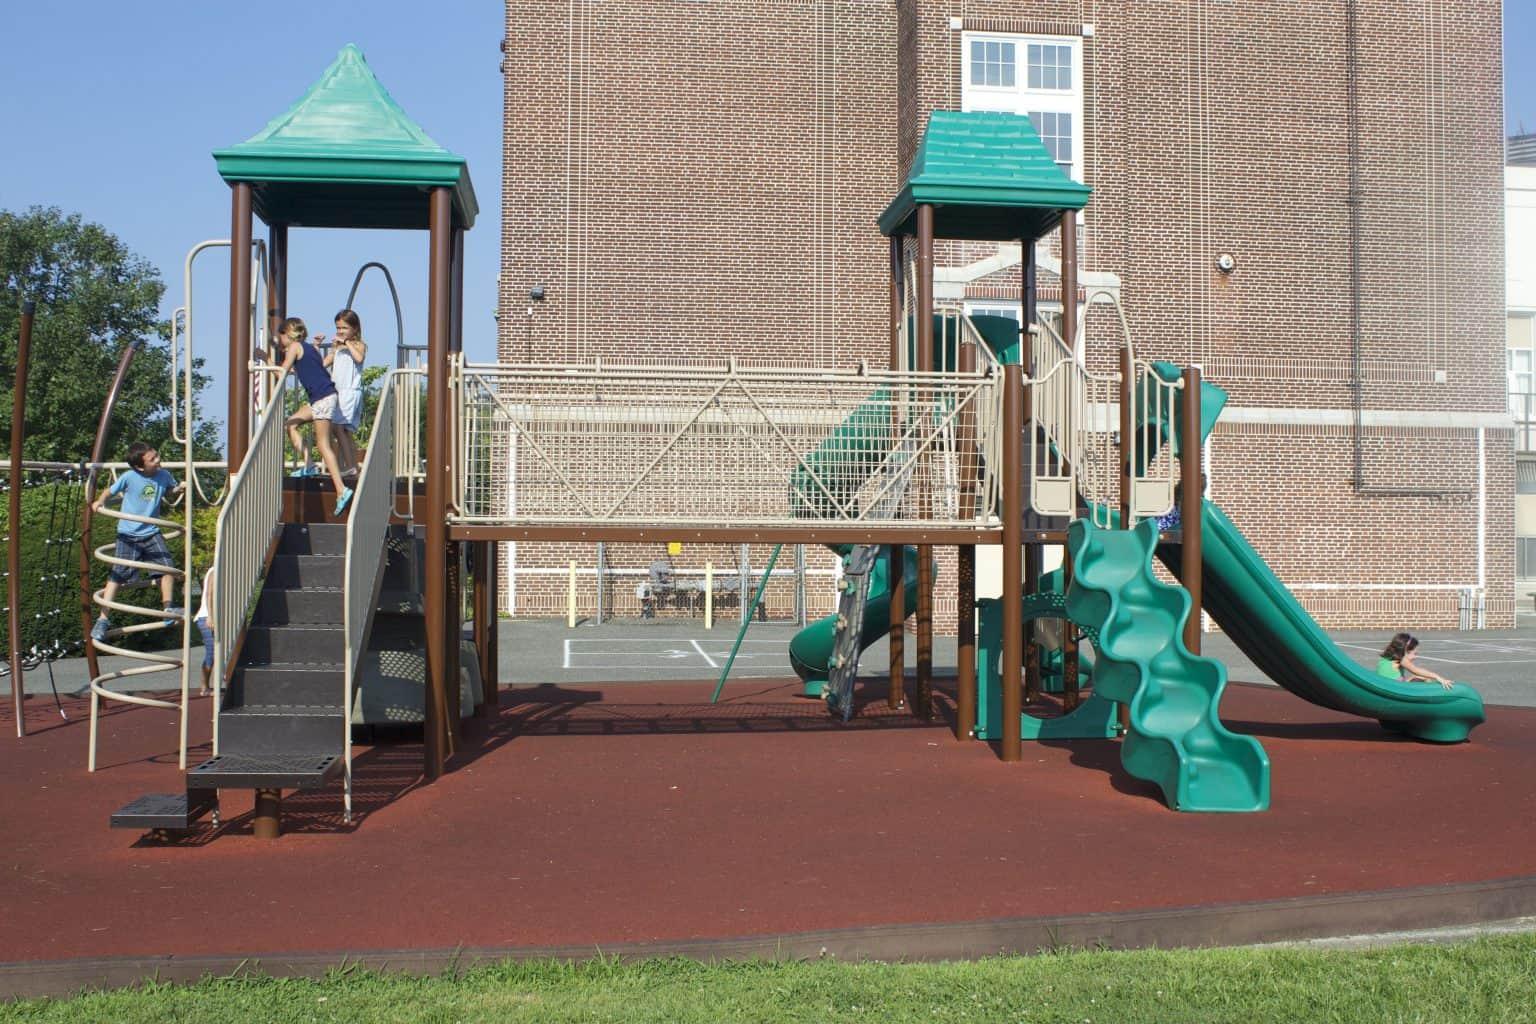 mountz-elementary-playground-spring-lake-nj_11654063554_o-1536x1024